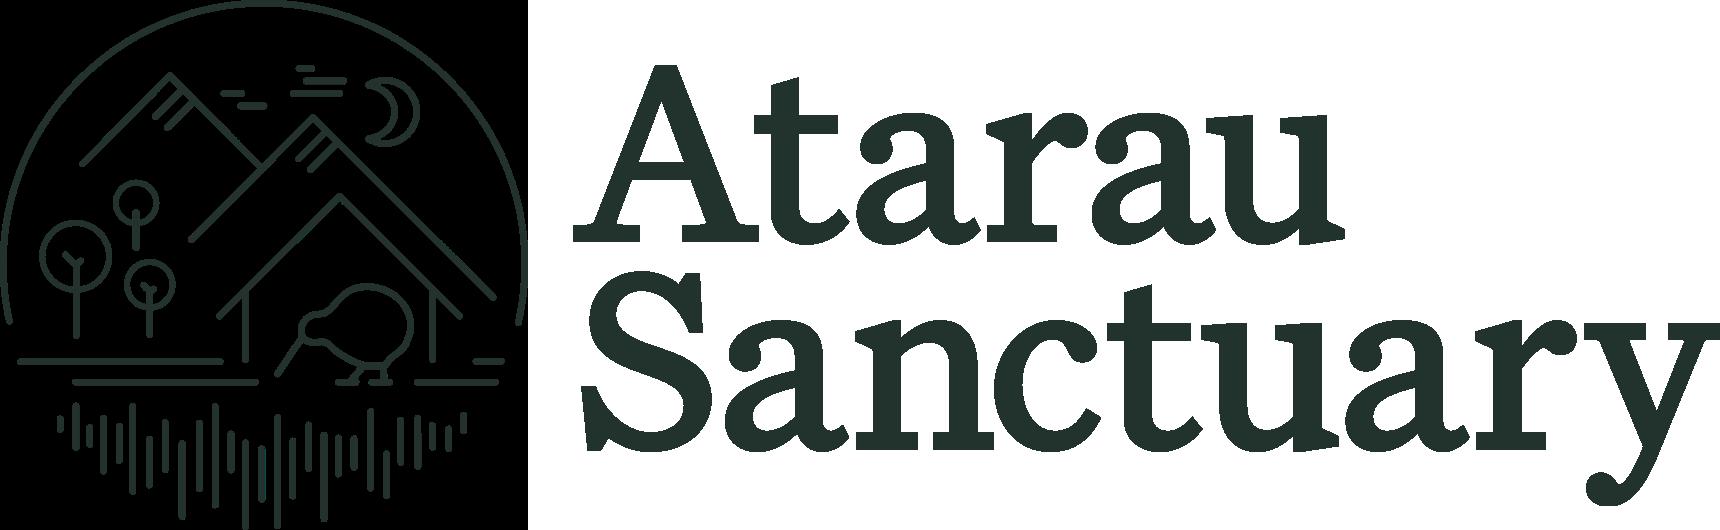 Atarau Sanctuary